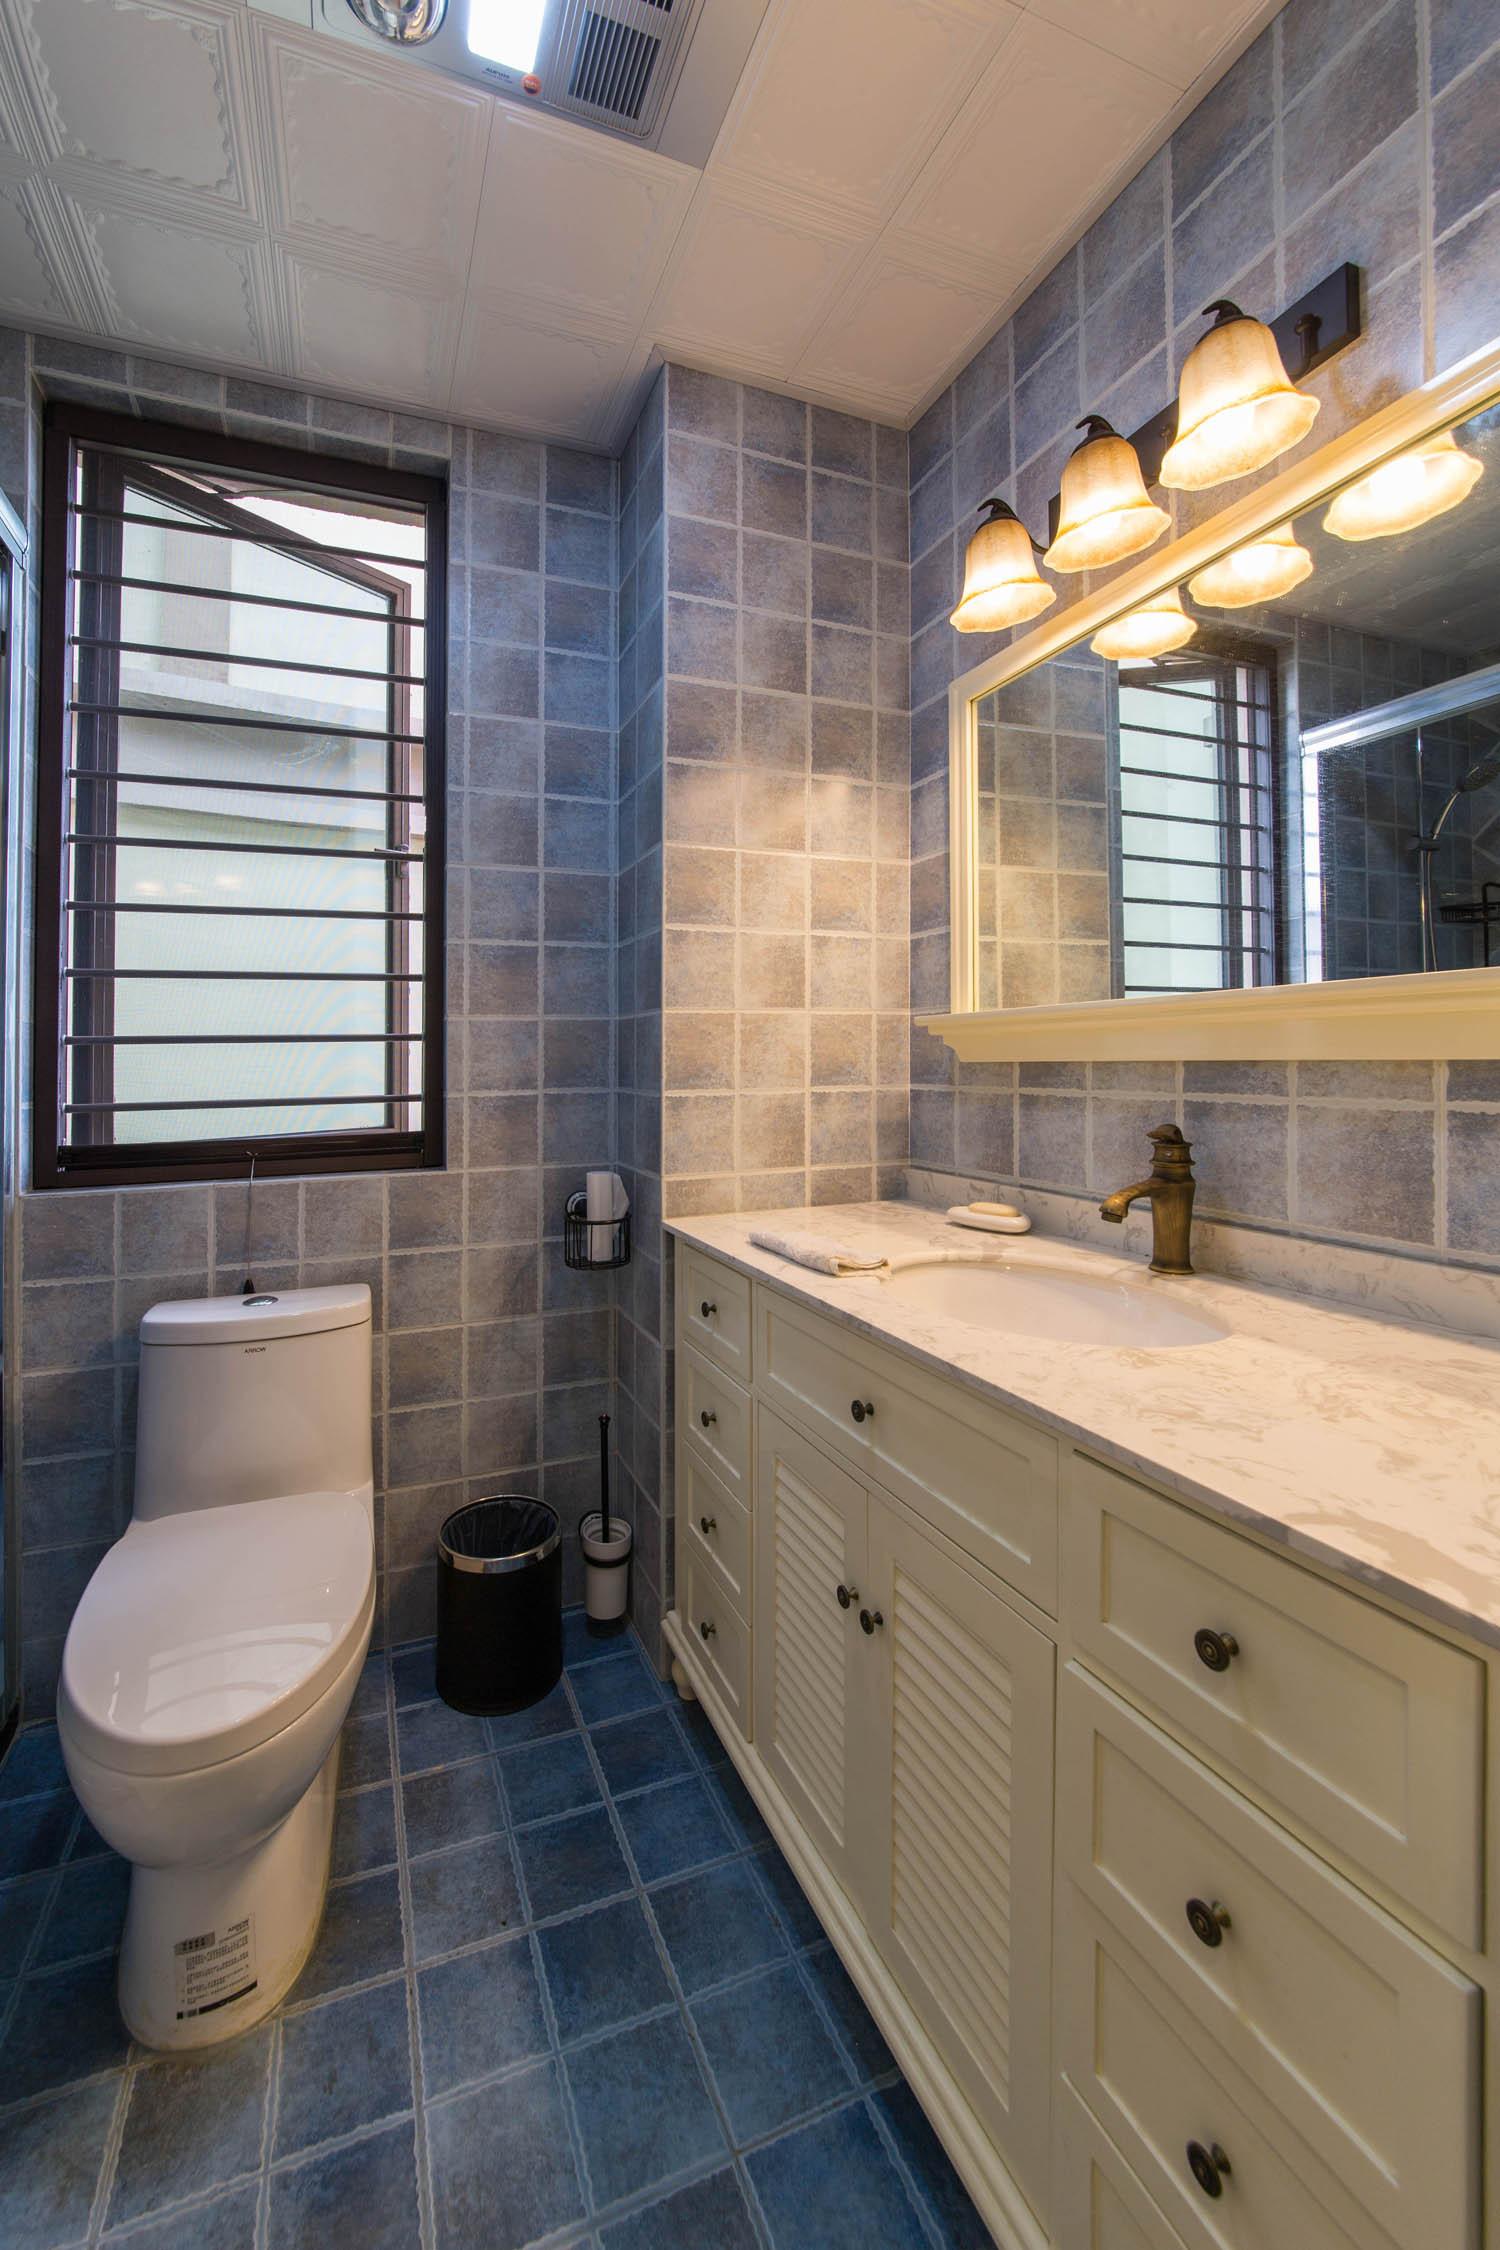 美式混搭风格家卫生间效果图